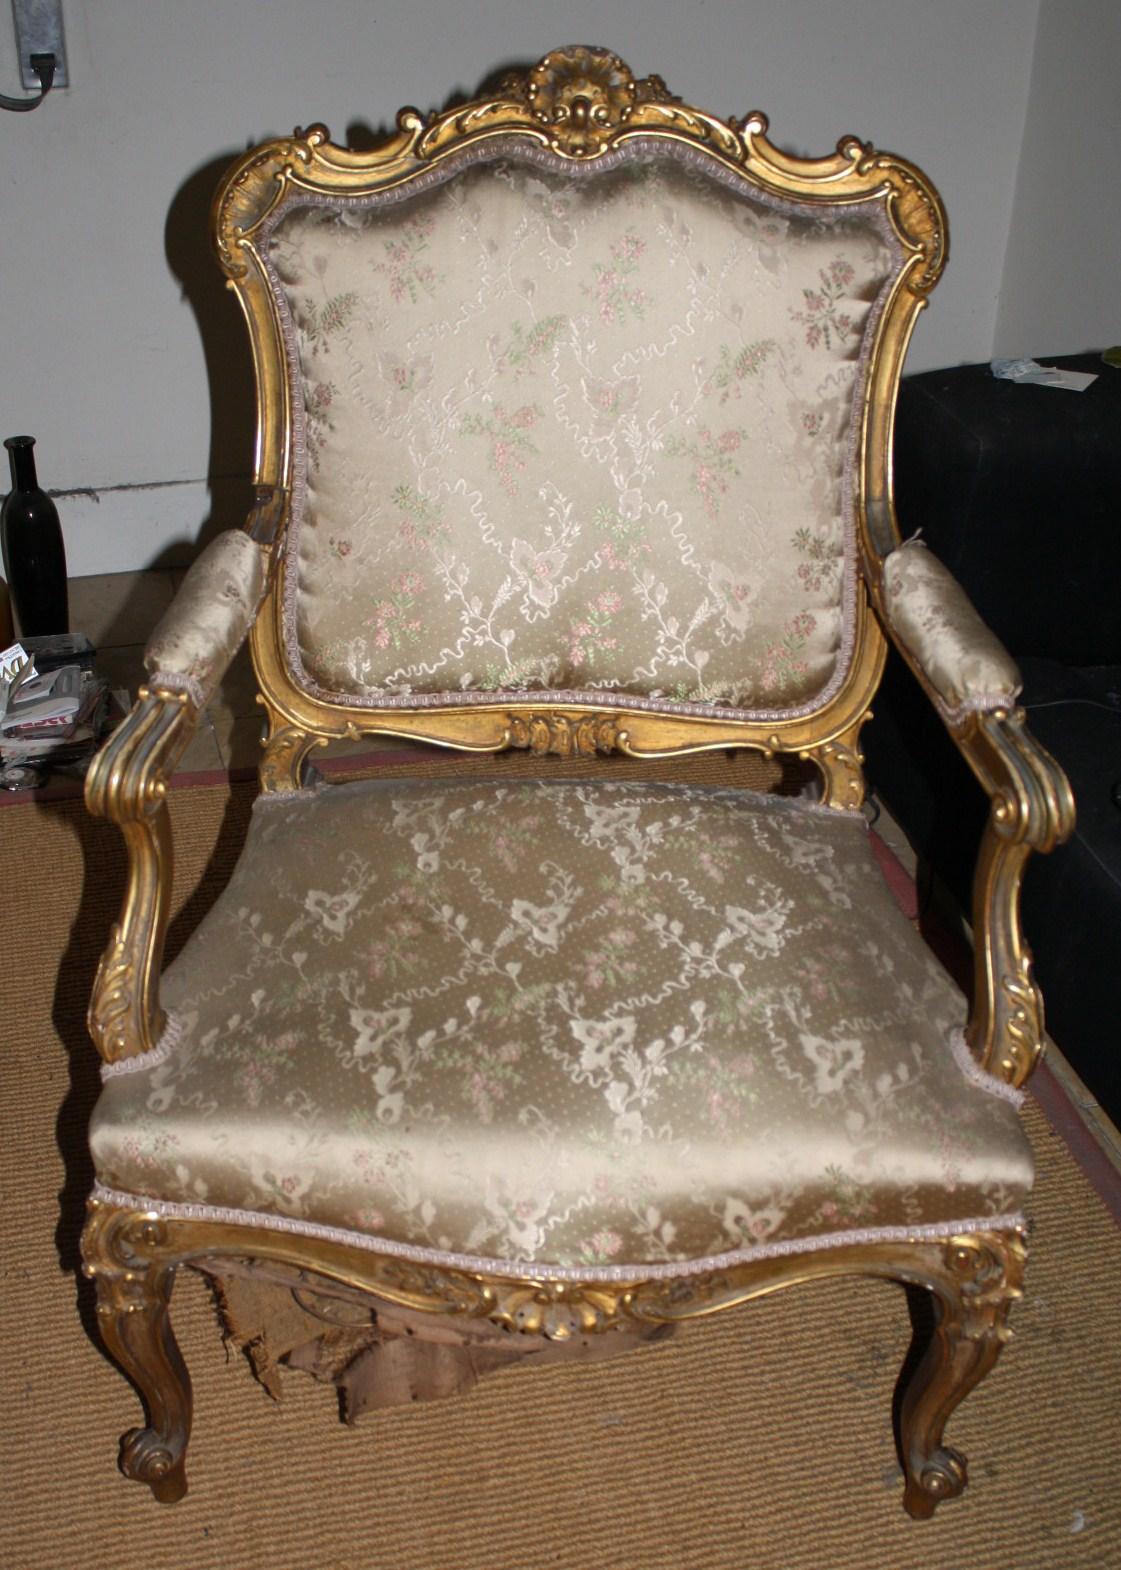 Restaurata restauraci n de dorados un saloncito luis xv - Sillas luis xv ...